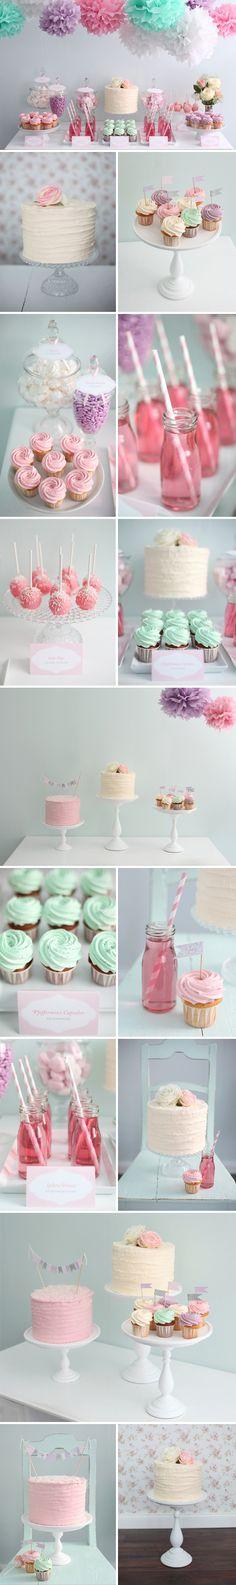 Pretty pastel party